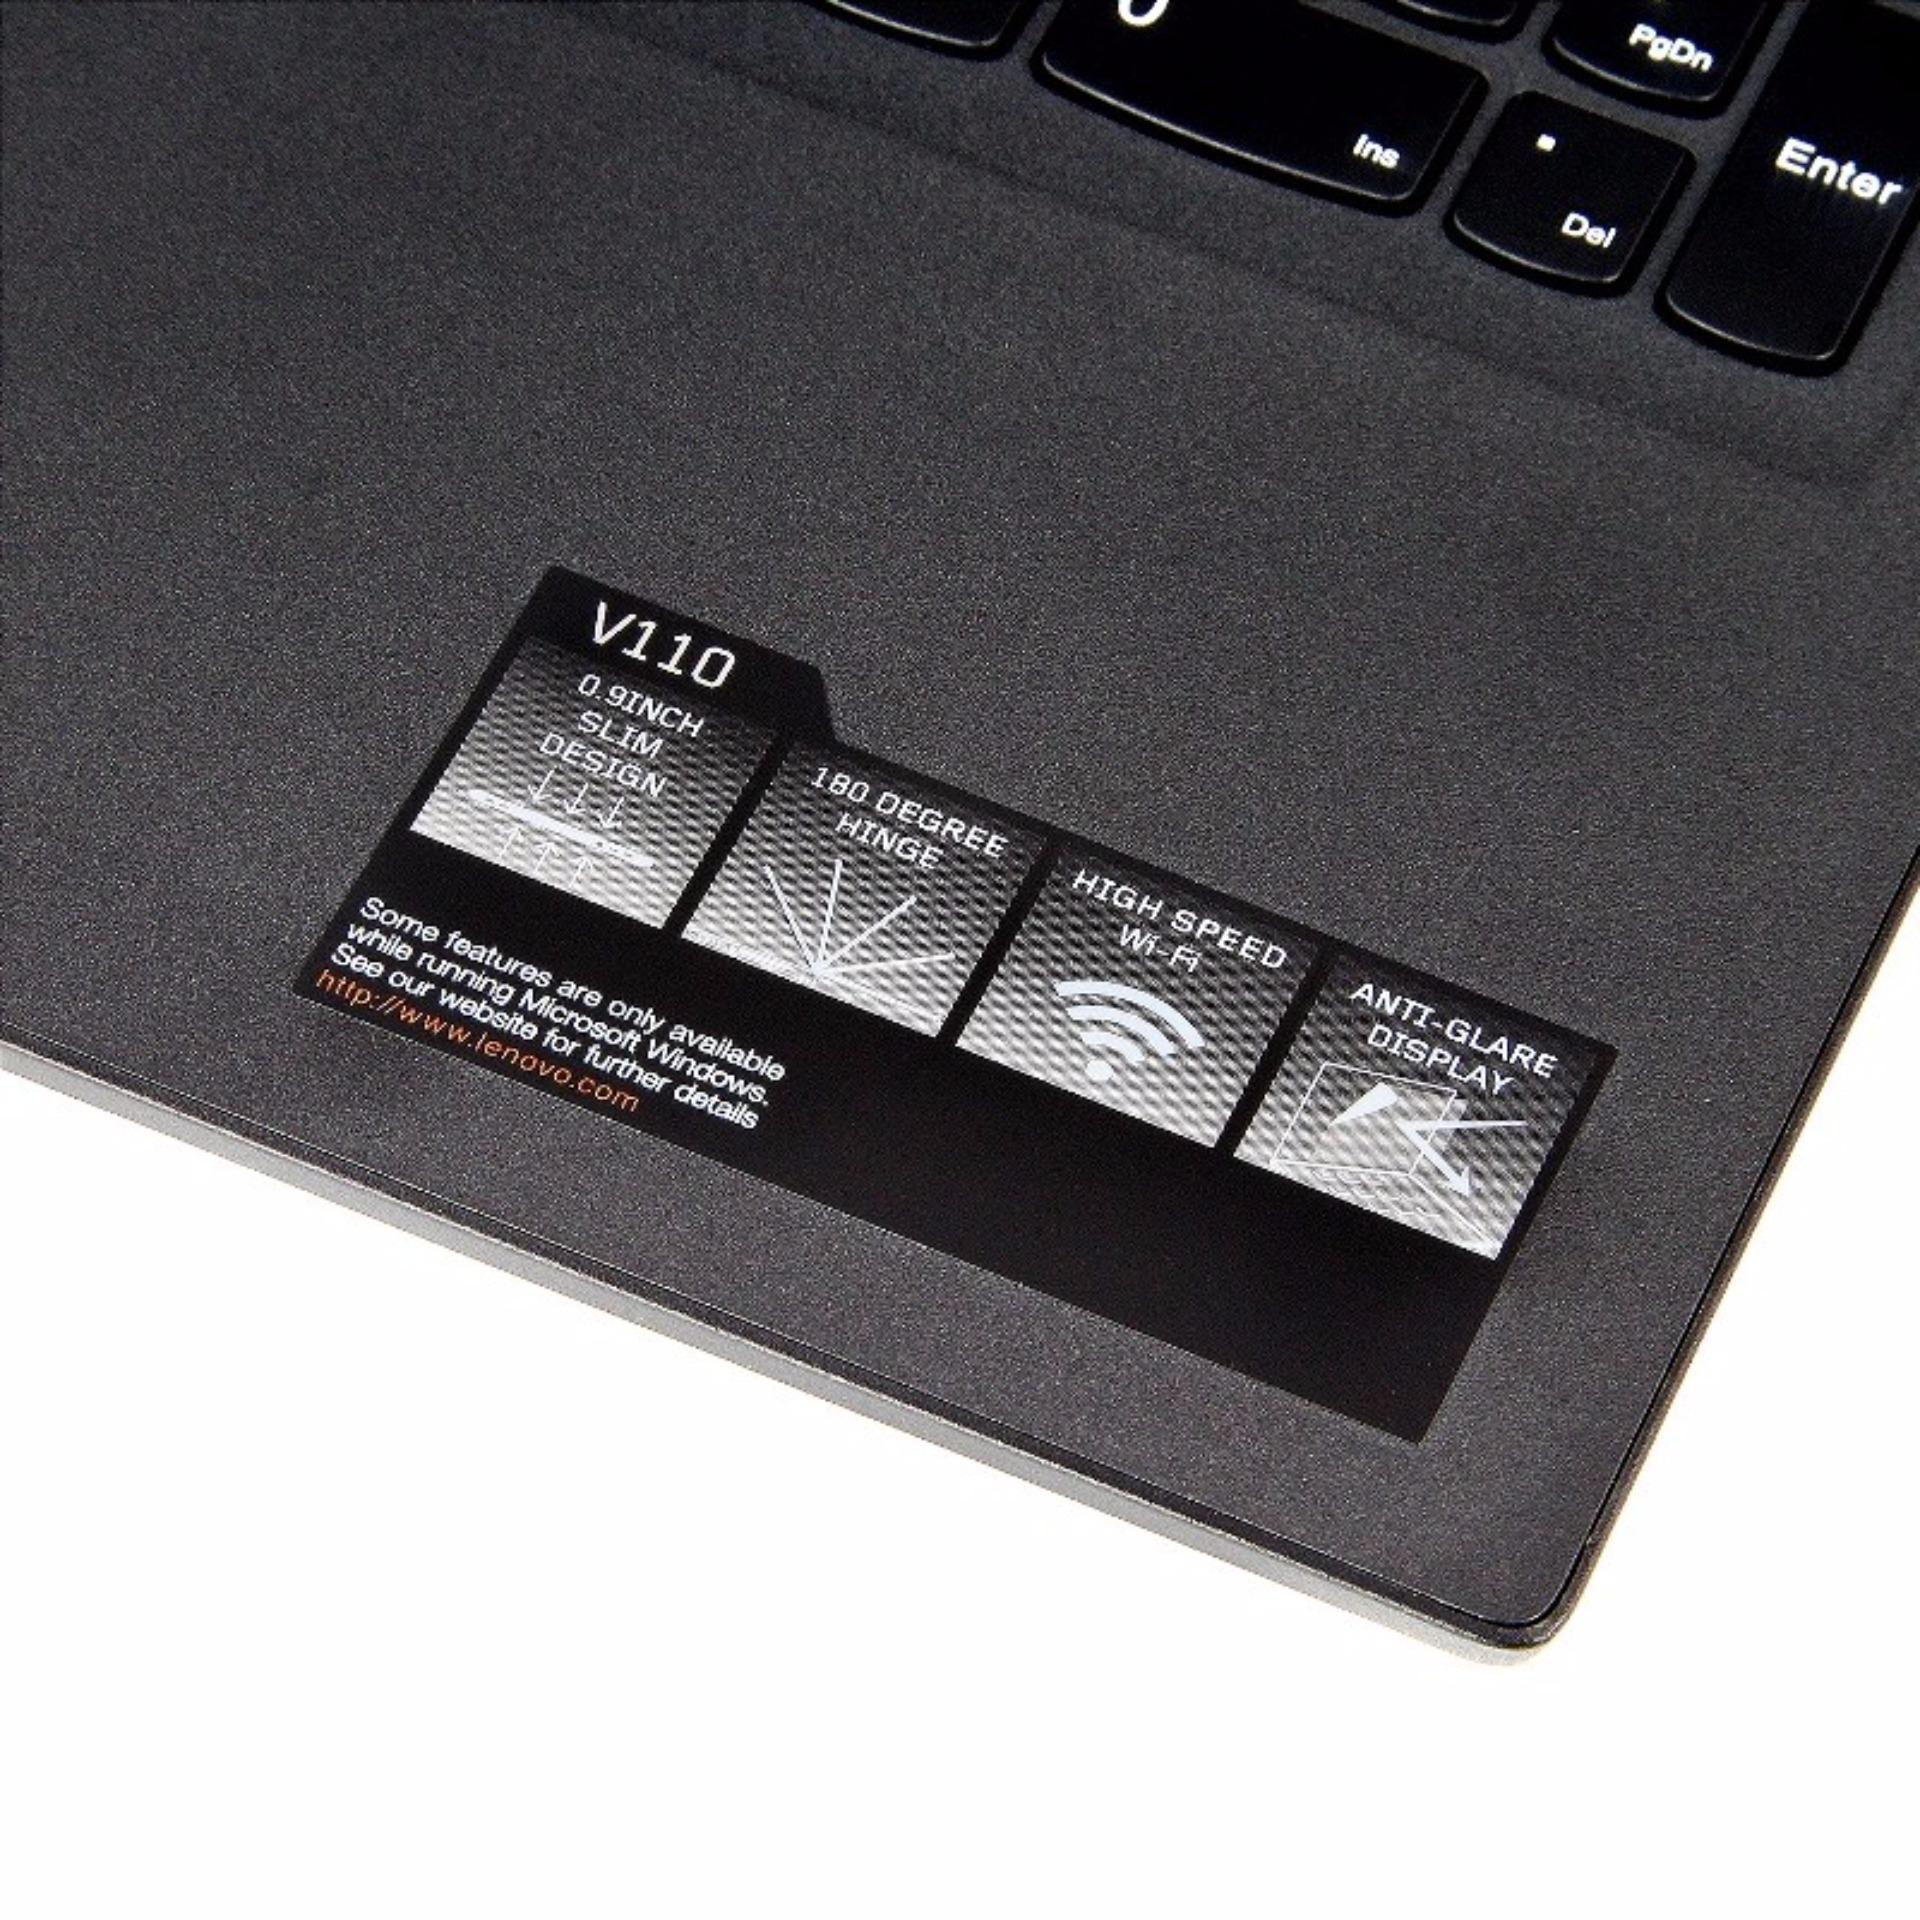 Perbandingan Harga Lenovo V110 15isk Core I3 6100 Ram 4gb Hardisk 500gb Windows 10 Pro Lcd 156